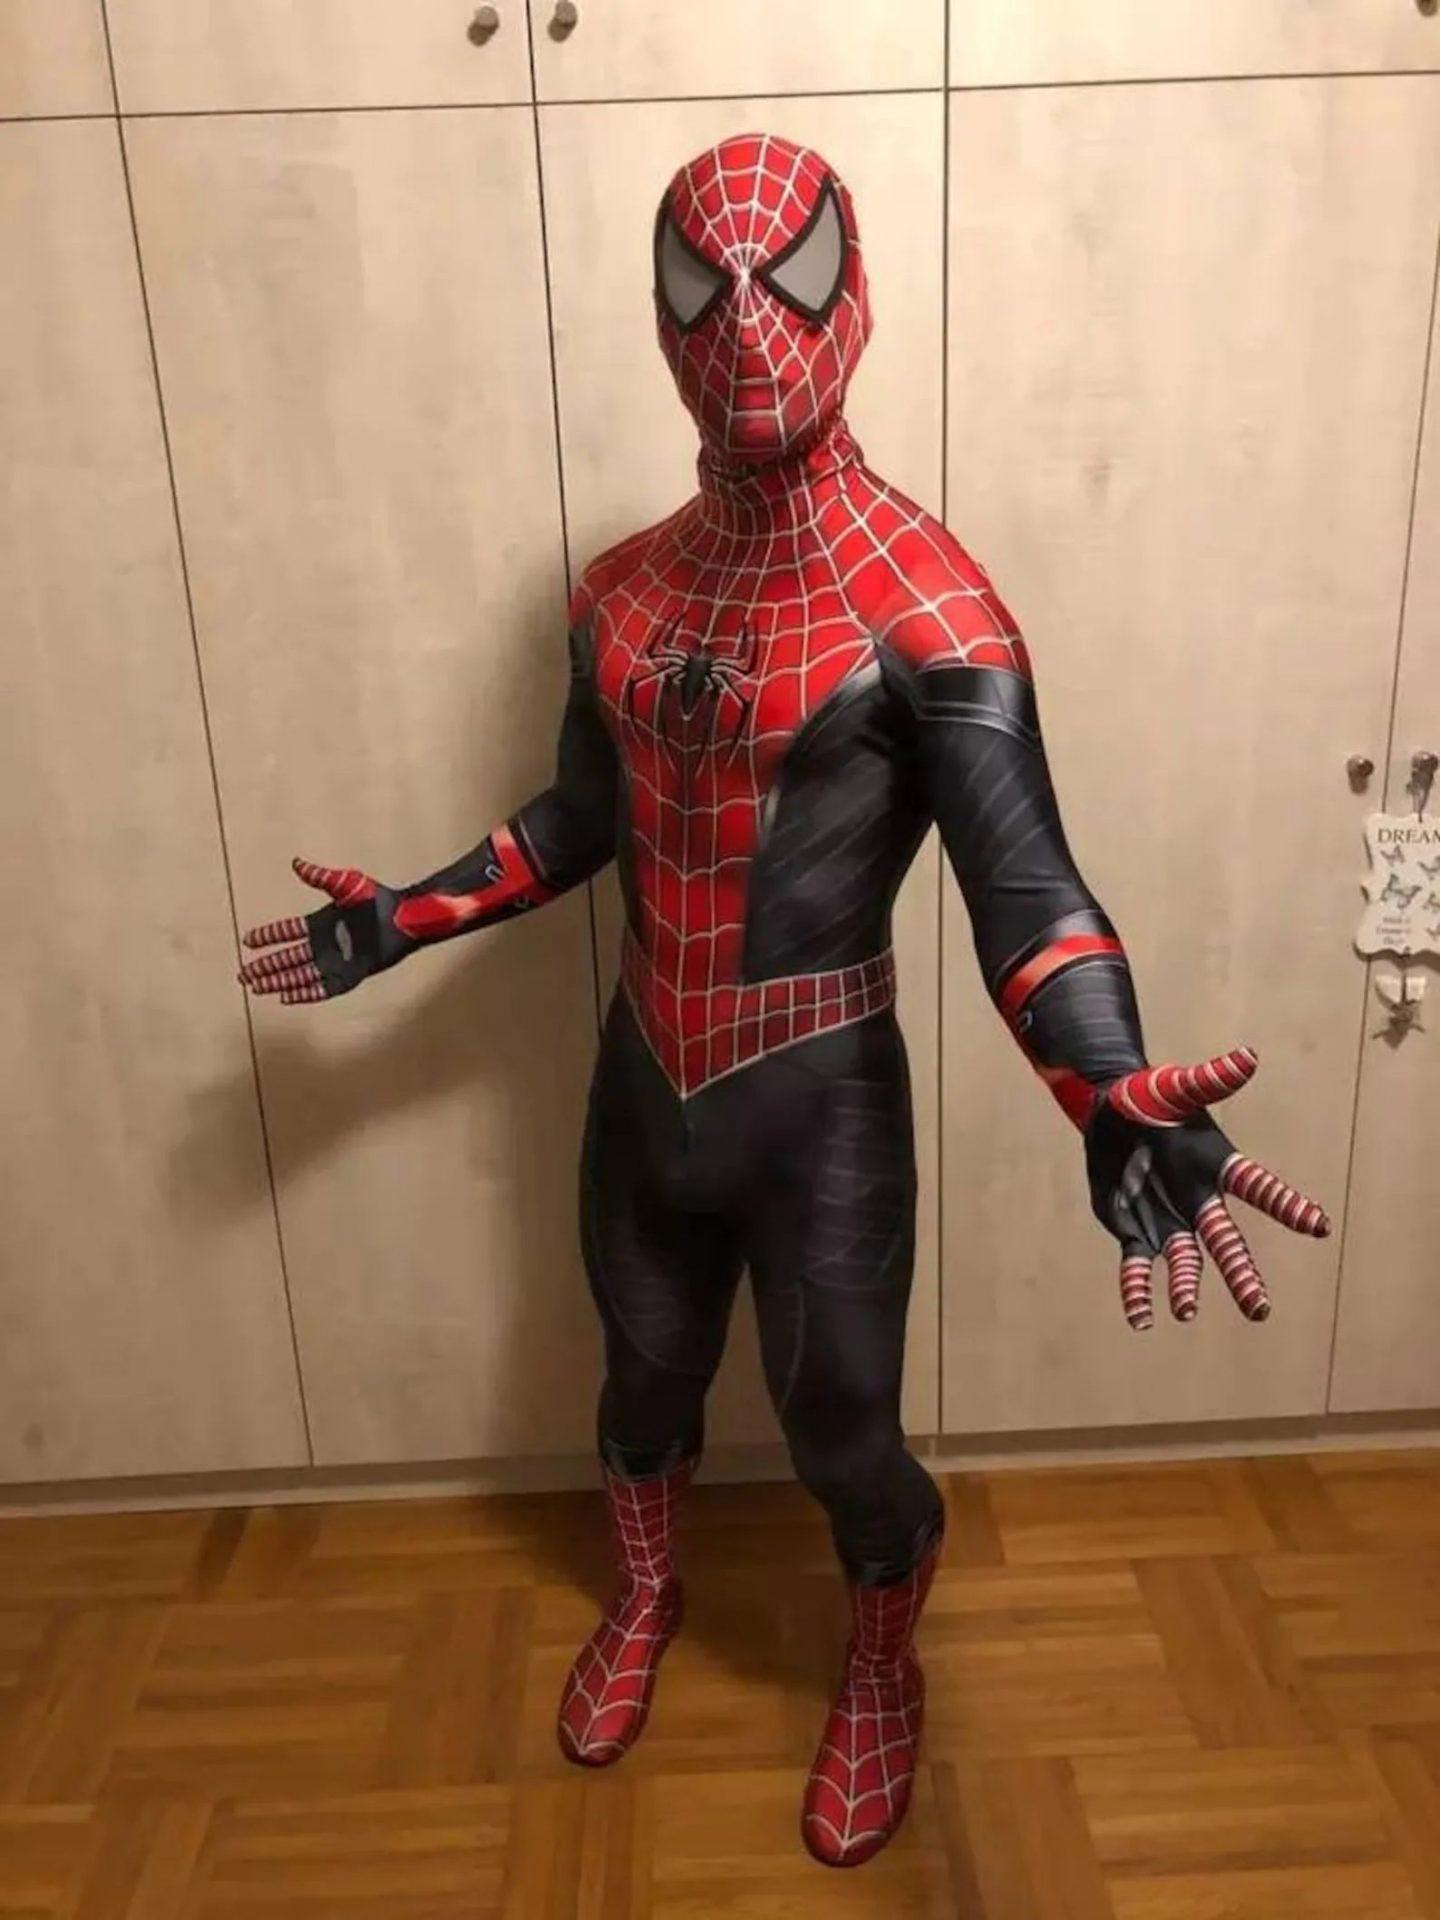 Spiderman Halloween costume for men